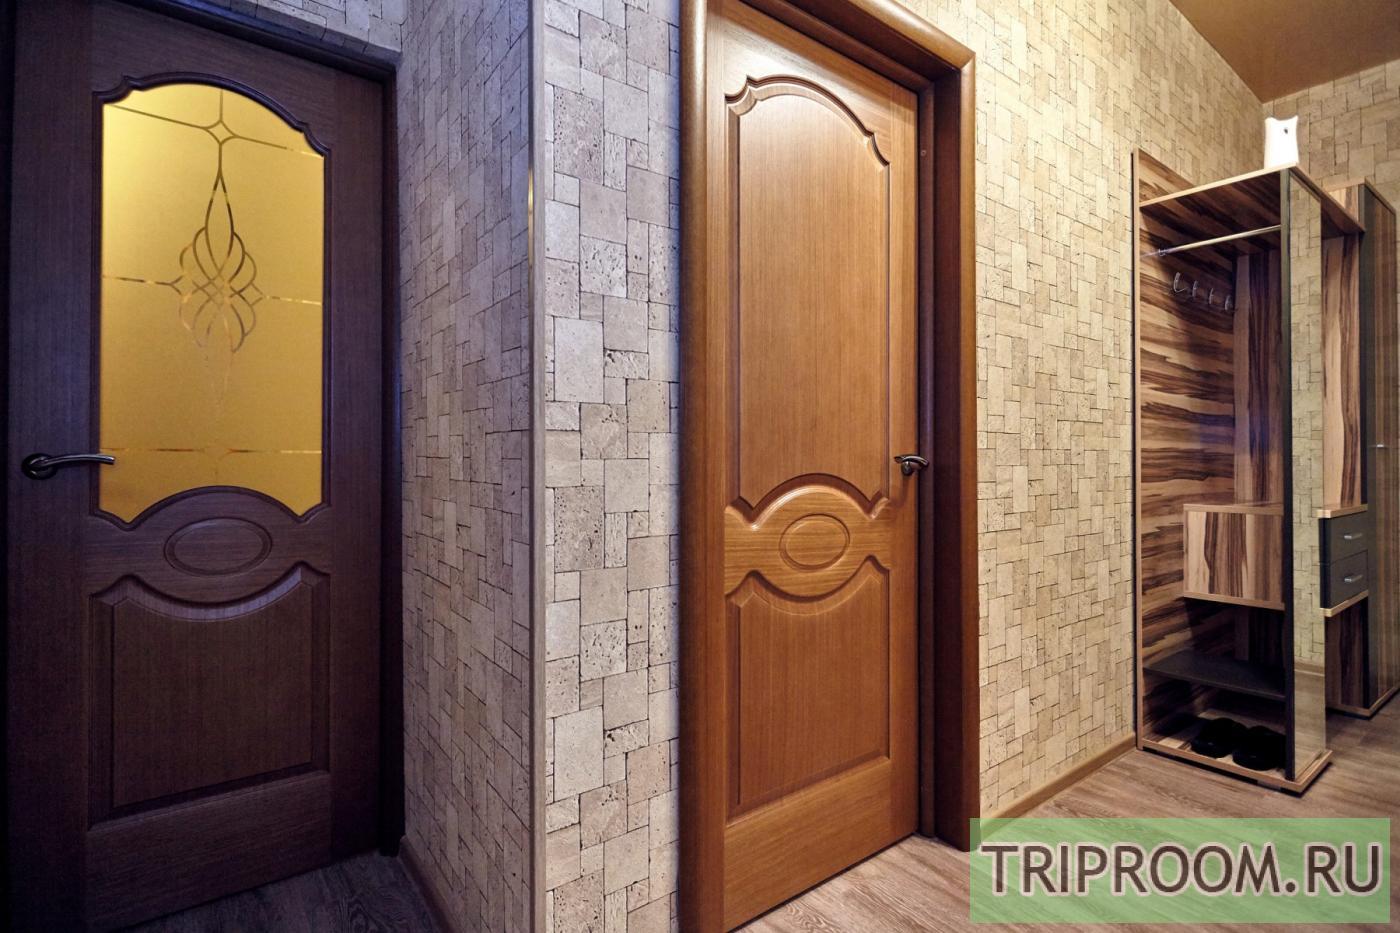 1-комнатная квартира посуточно (вариант № 6859), ул. Кореновская улица, фото № 9